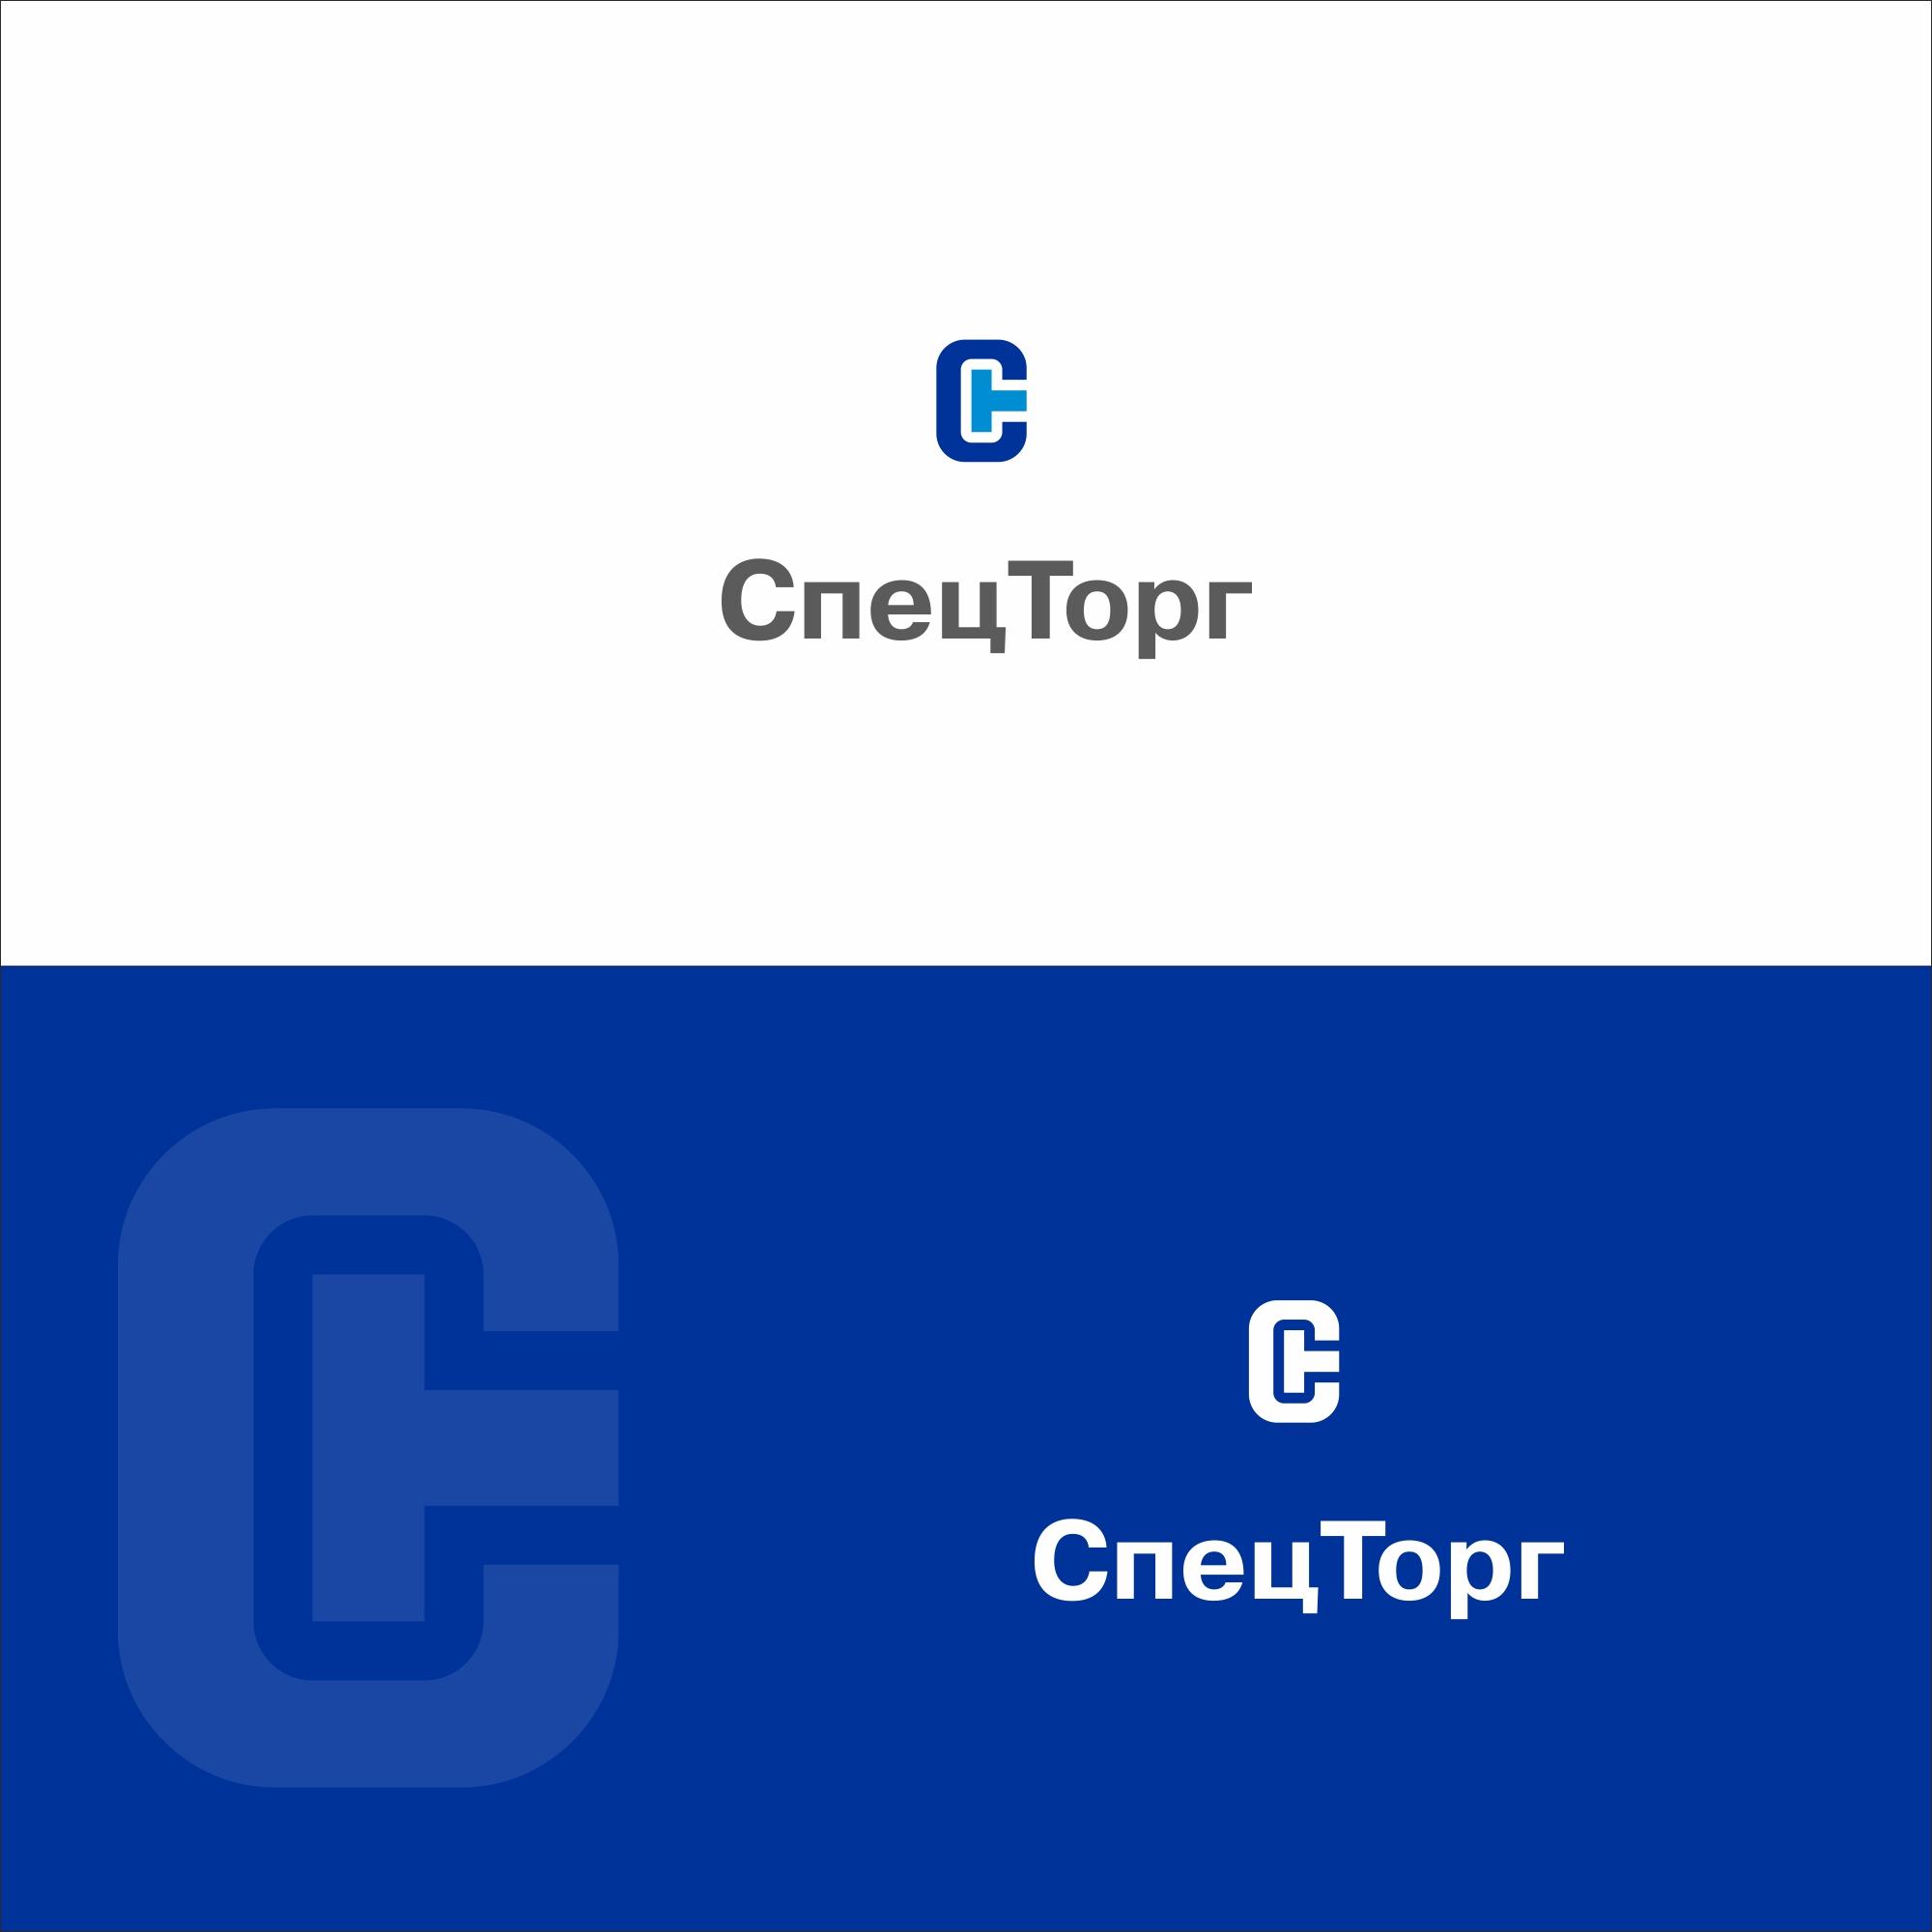 Разработать дизайн  логотипа компании фото f_1565dc29379e651f.jpg